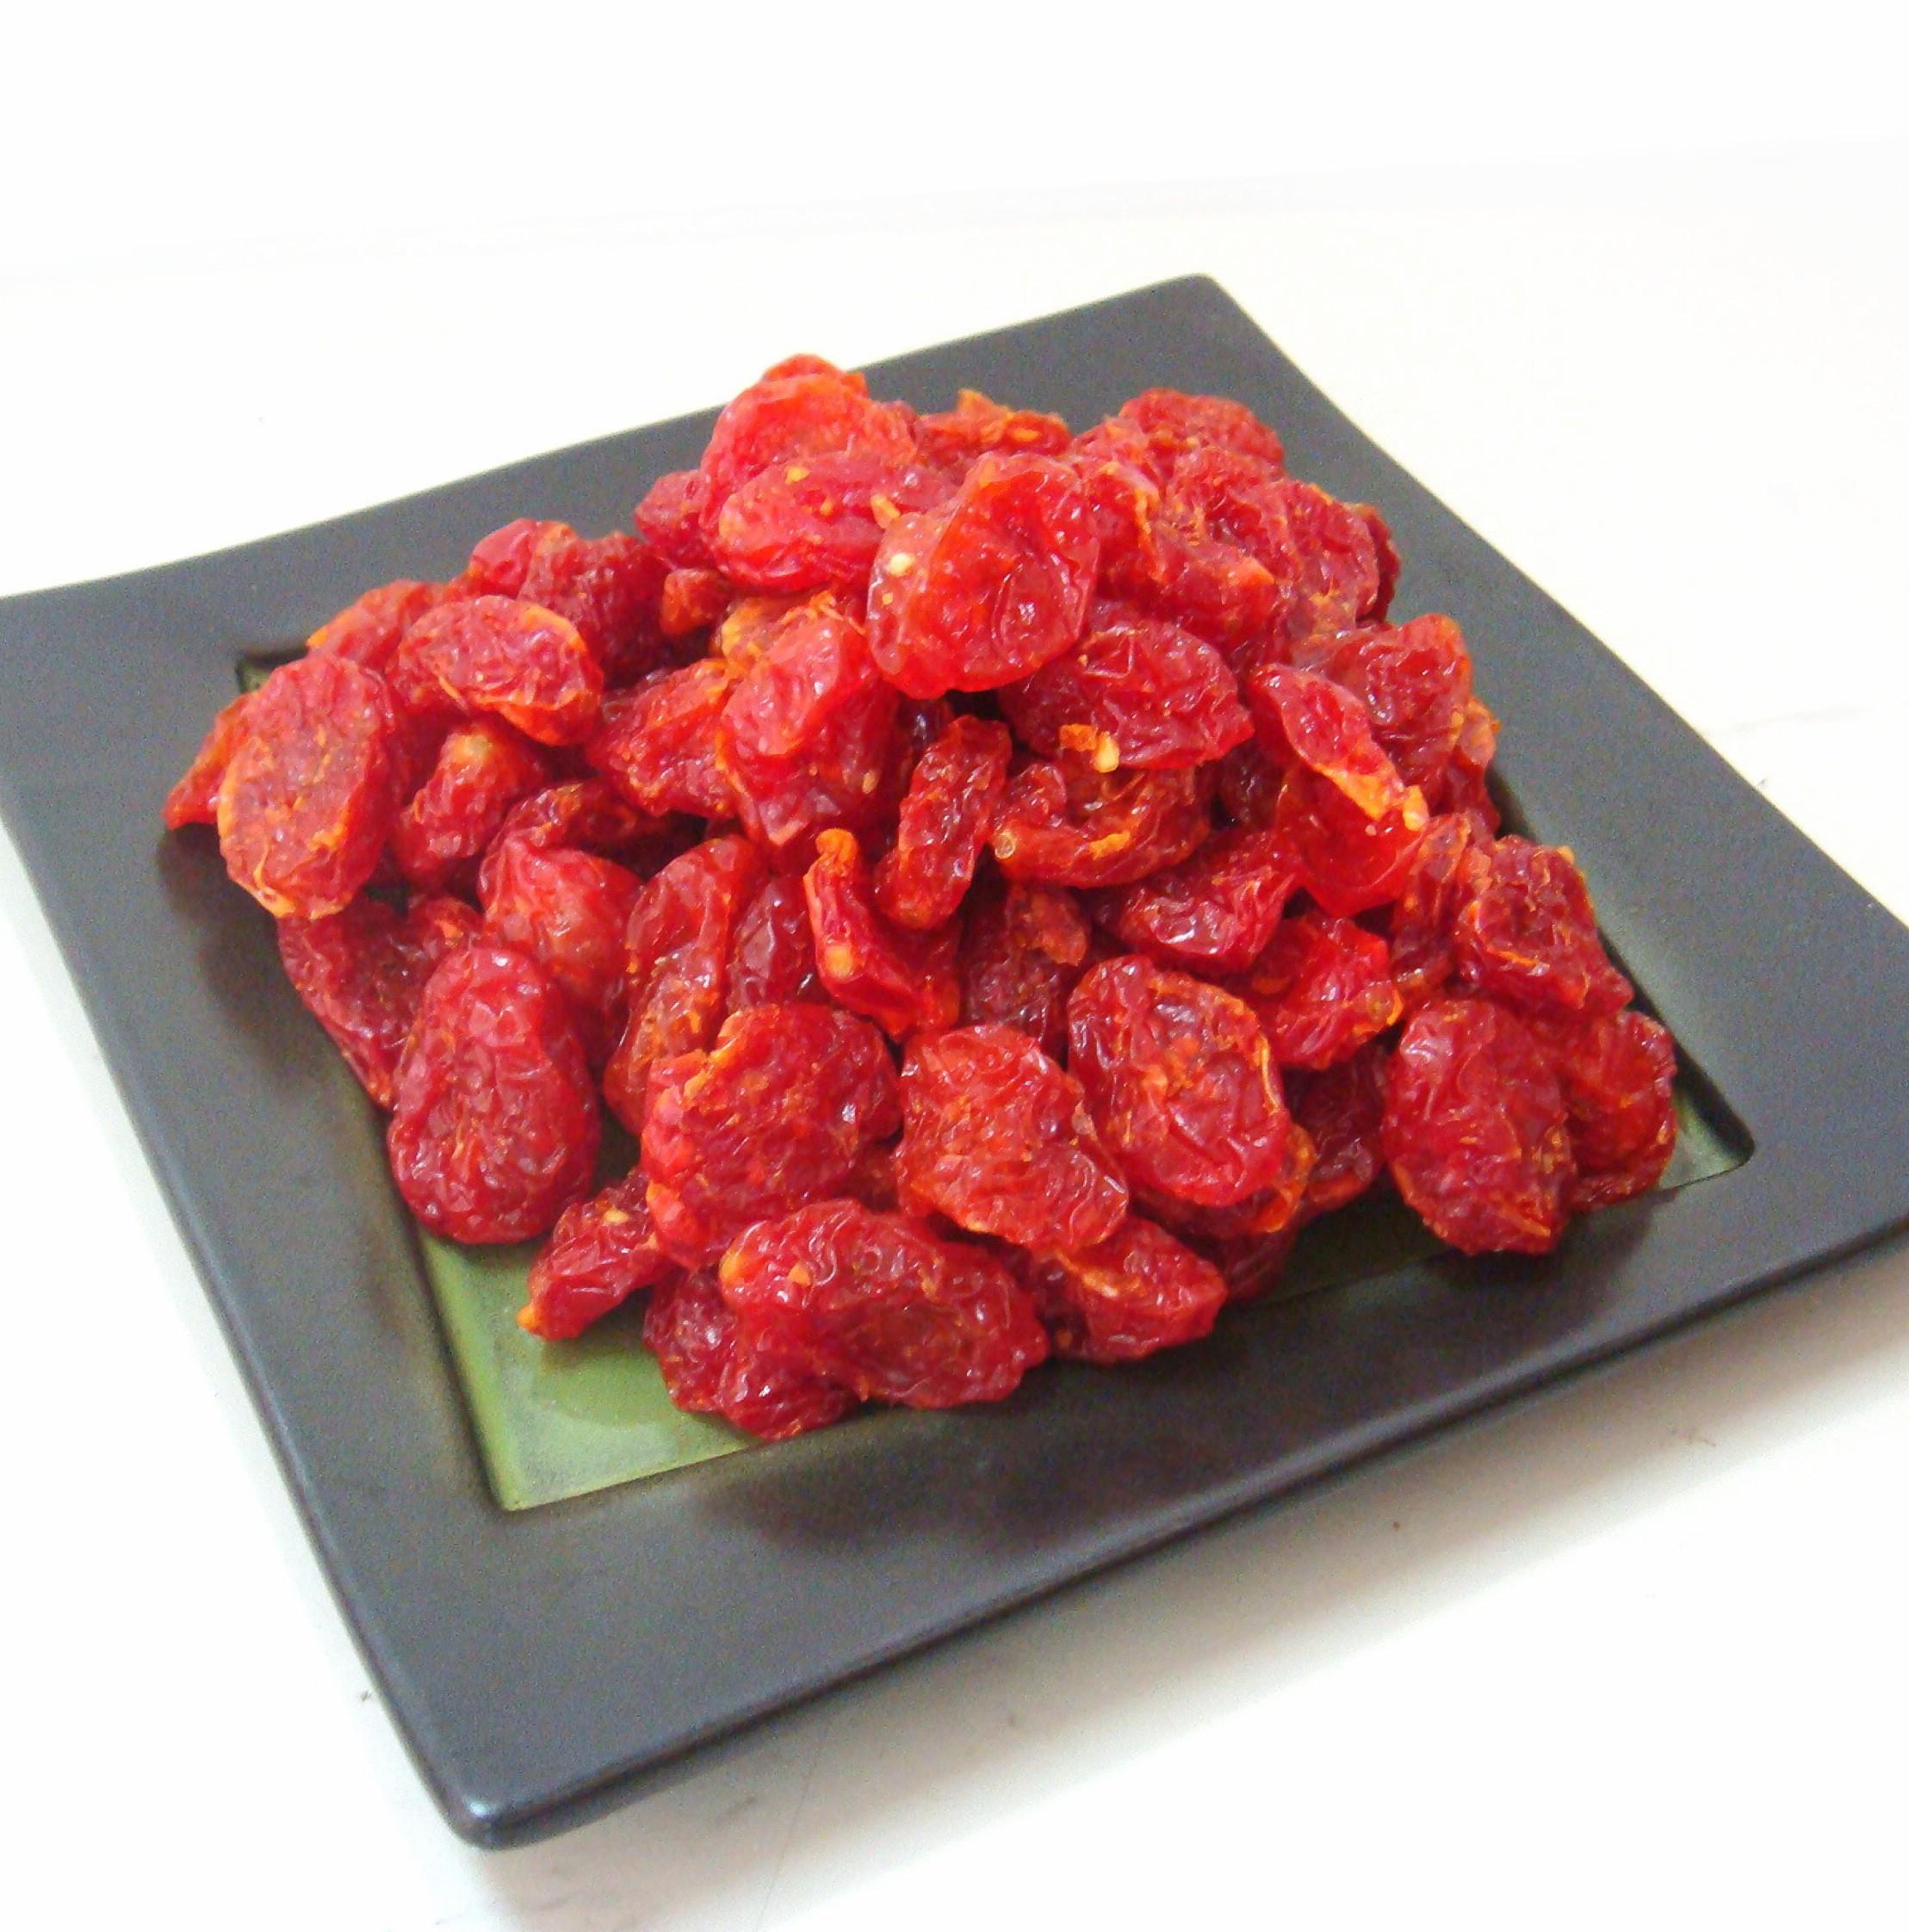 《御欣坊高纖美食》蕃茄葡萄乾600g(是蕃茄乾喔^.^因這品種吃起來有淡淡的葡萄味)